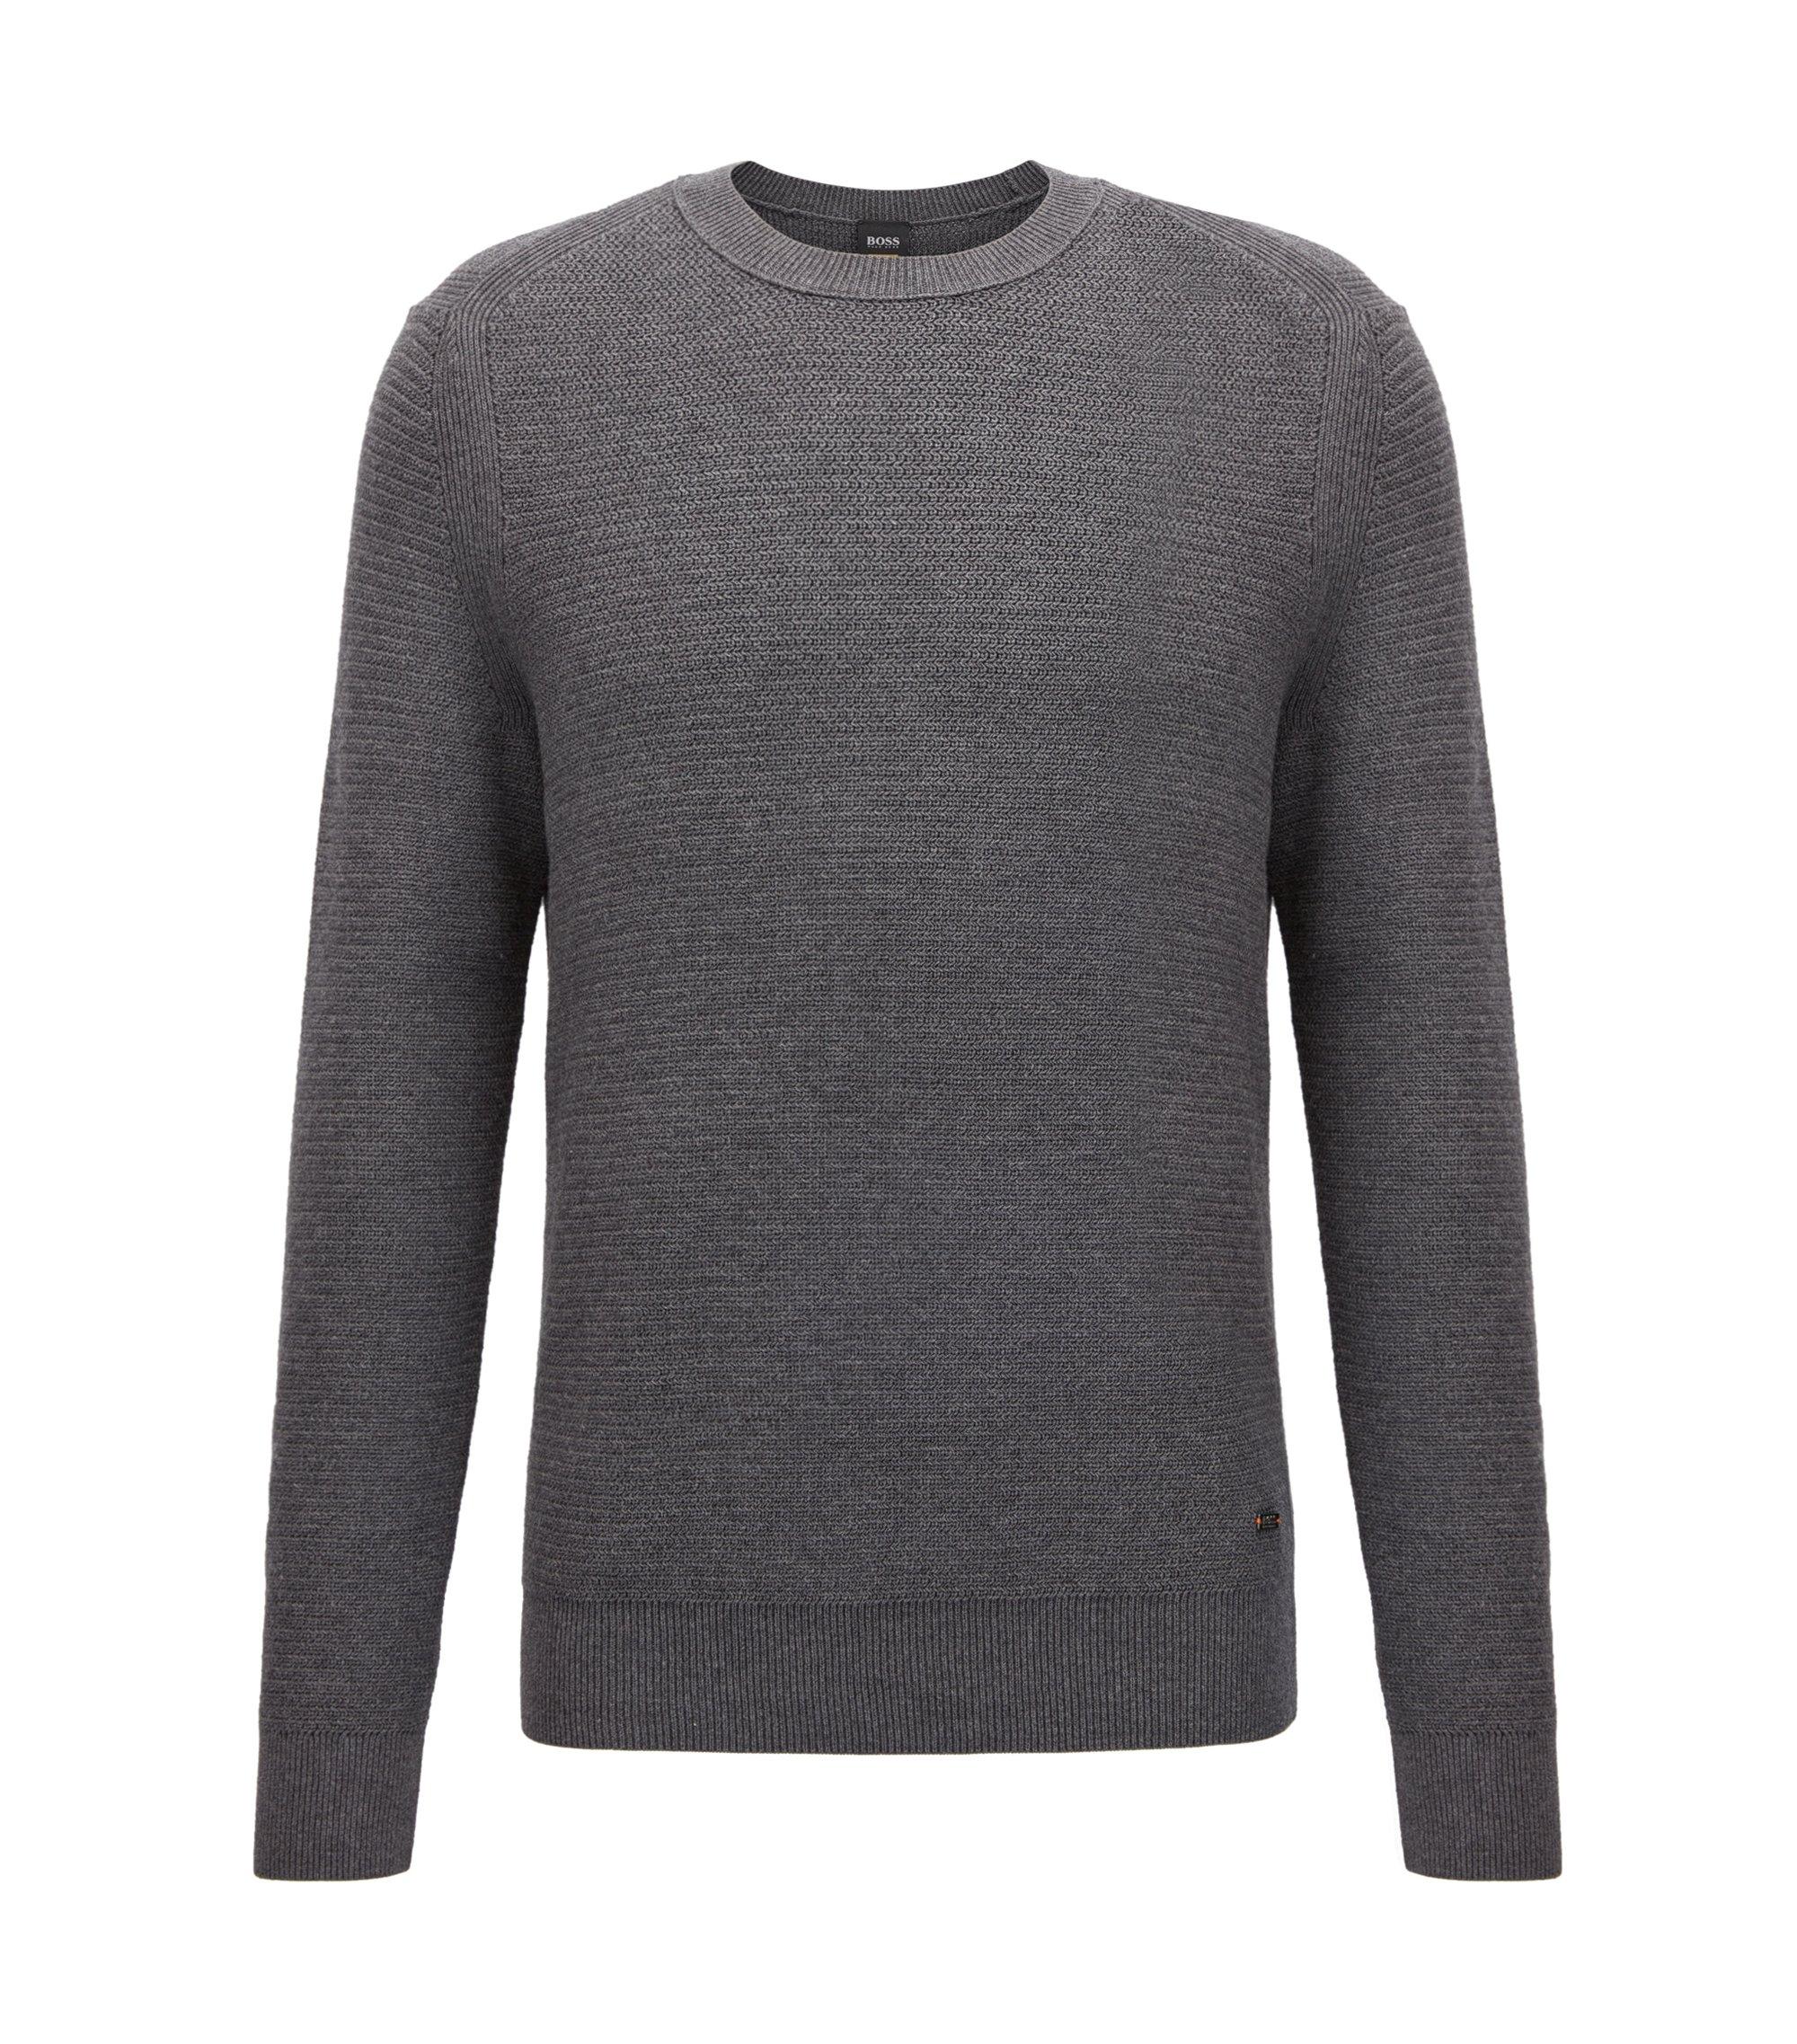 Pullover aus strukturiertem Baumwoll-Mix mit Kaschmir , Grau